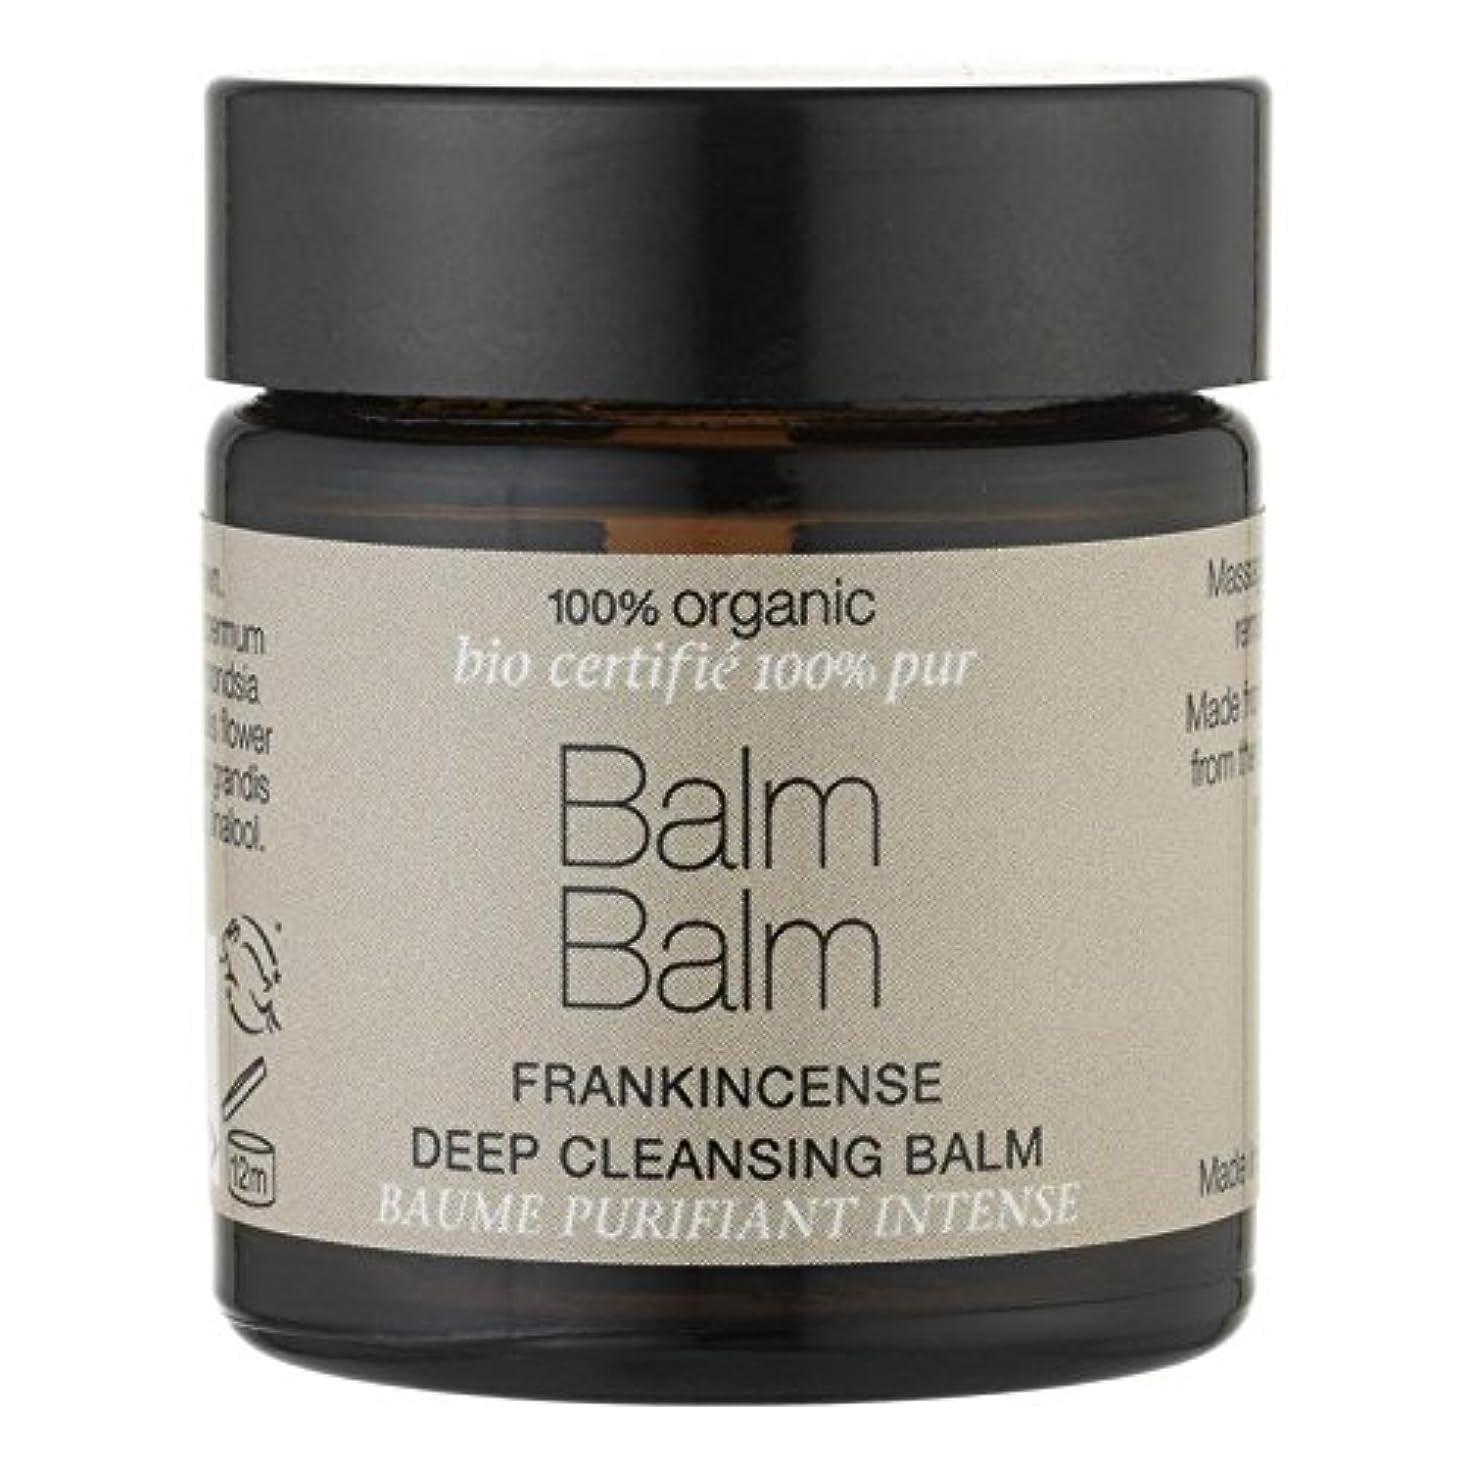 エキゾチックアトラスピークバームバーム乳香有機ディープクレンジングクリーム30ミリリットル x4 - Balm Balm Frankincense Organic Deep Cleansing Balm 30ml (Pack of 4) [並行輸入品]